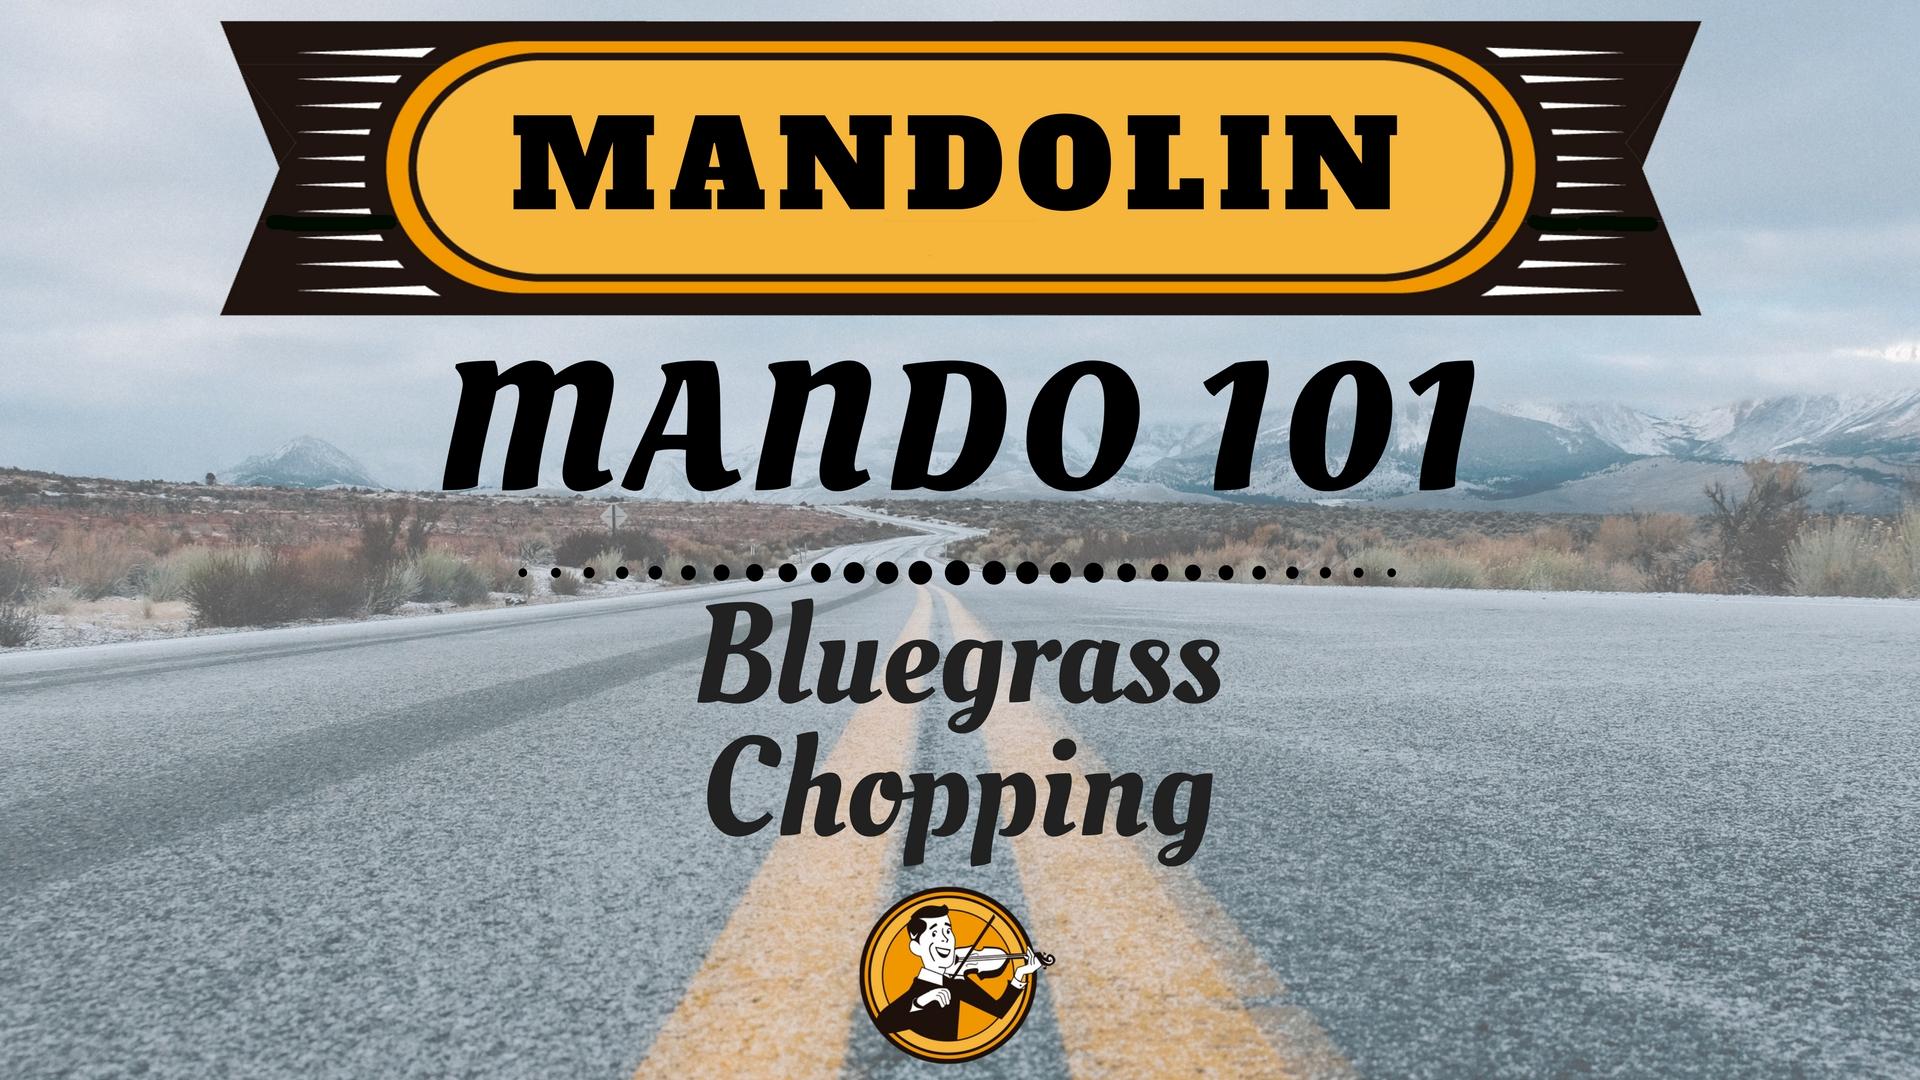 Mando 101 Bluegrass Chopping (1)